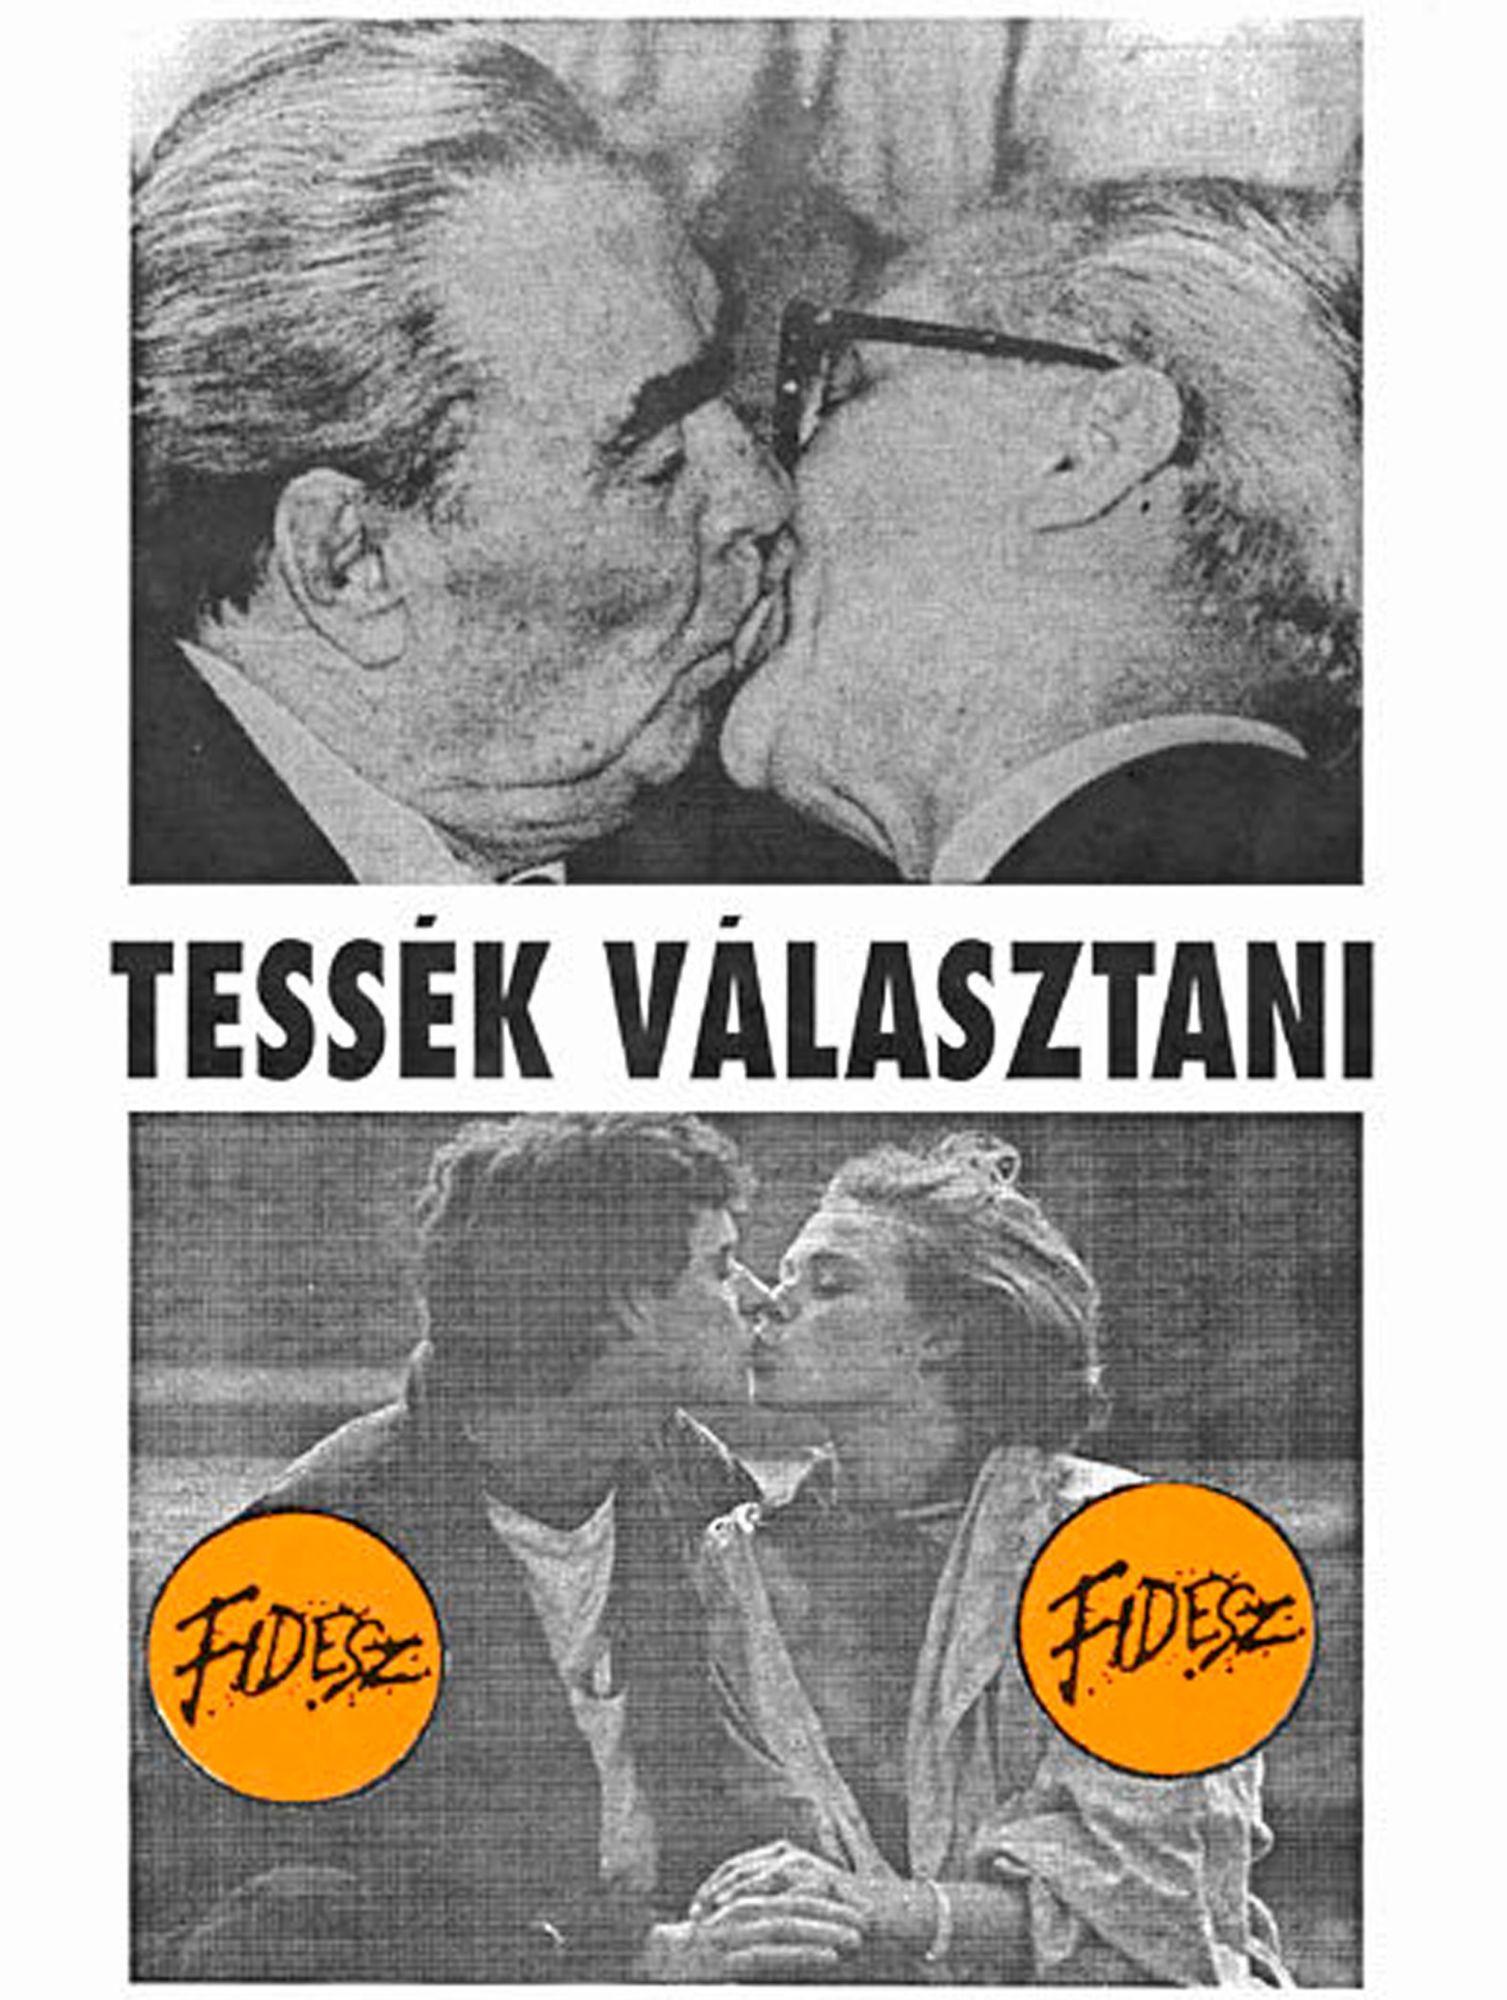 A Fidesz talán legismertebb választási plakátja: egyszerre szólt a szívhez és az észhez